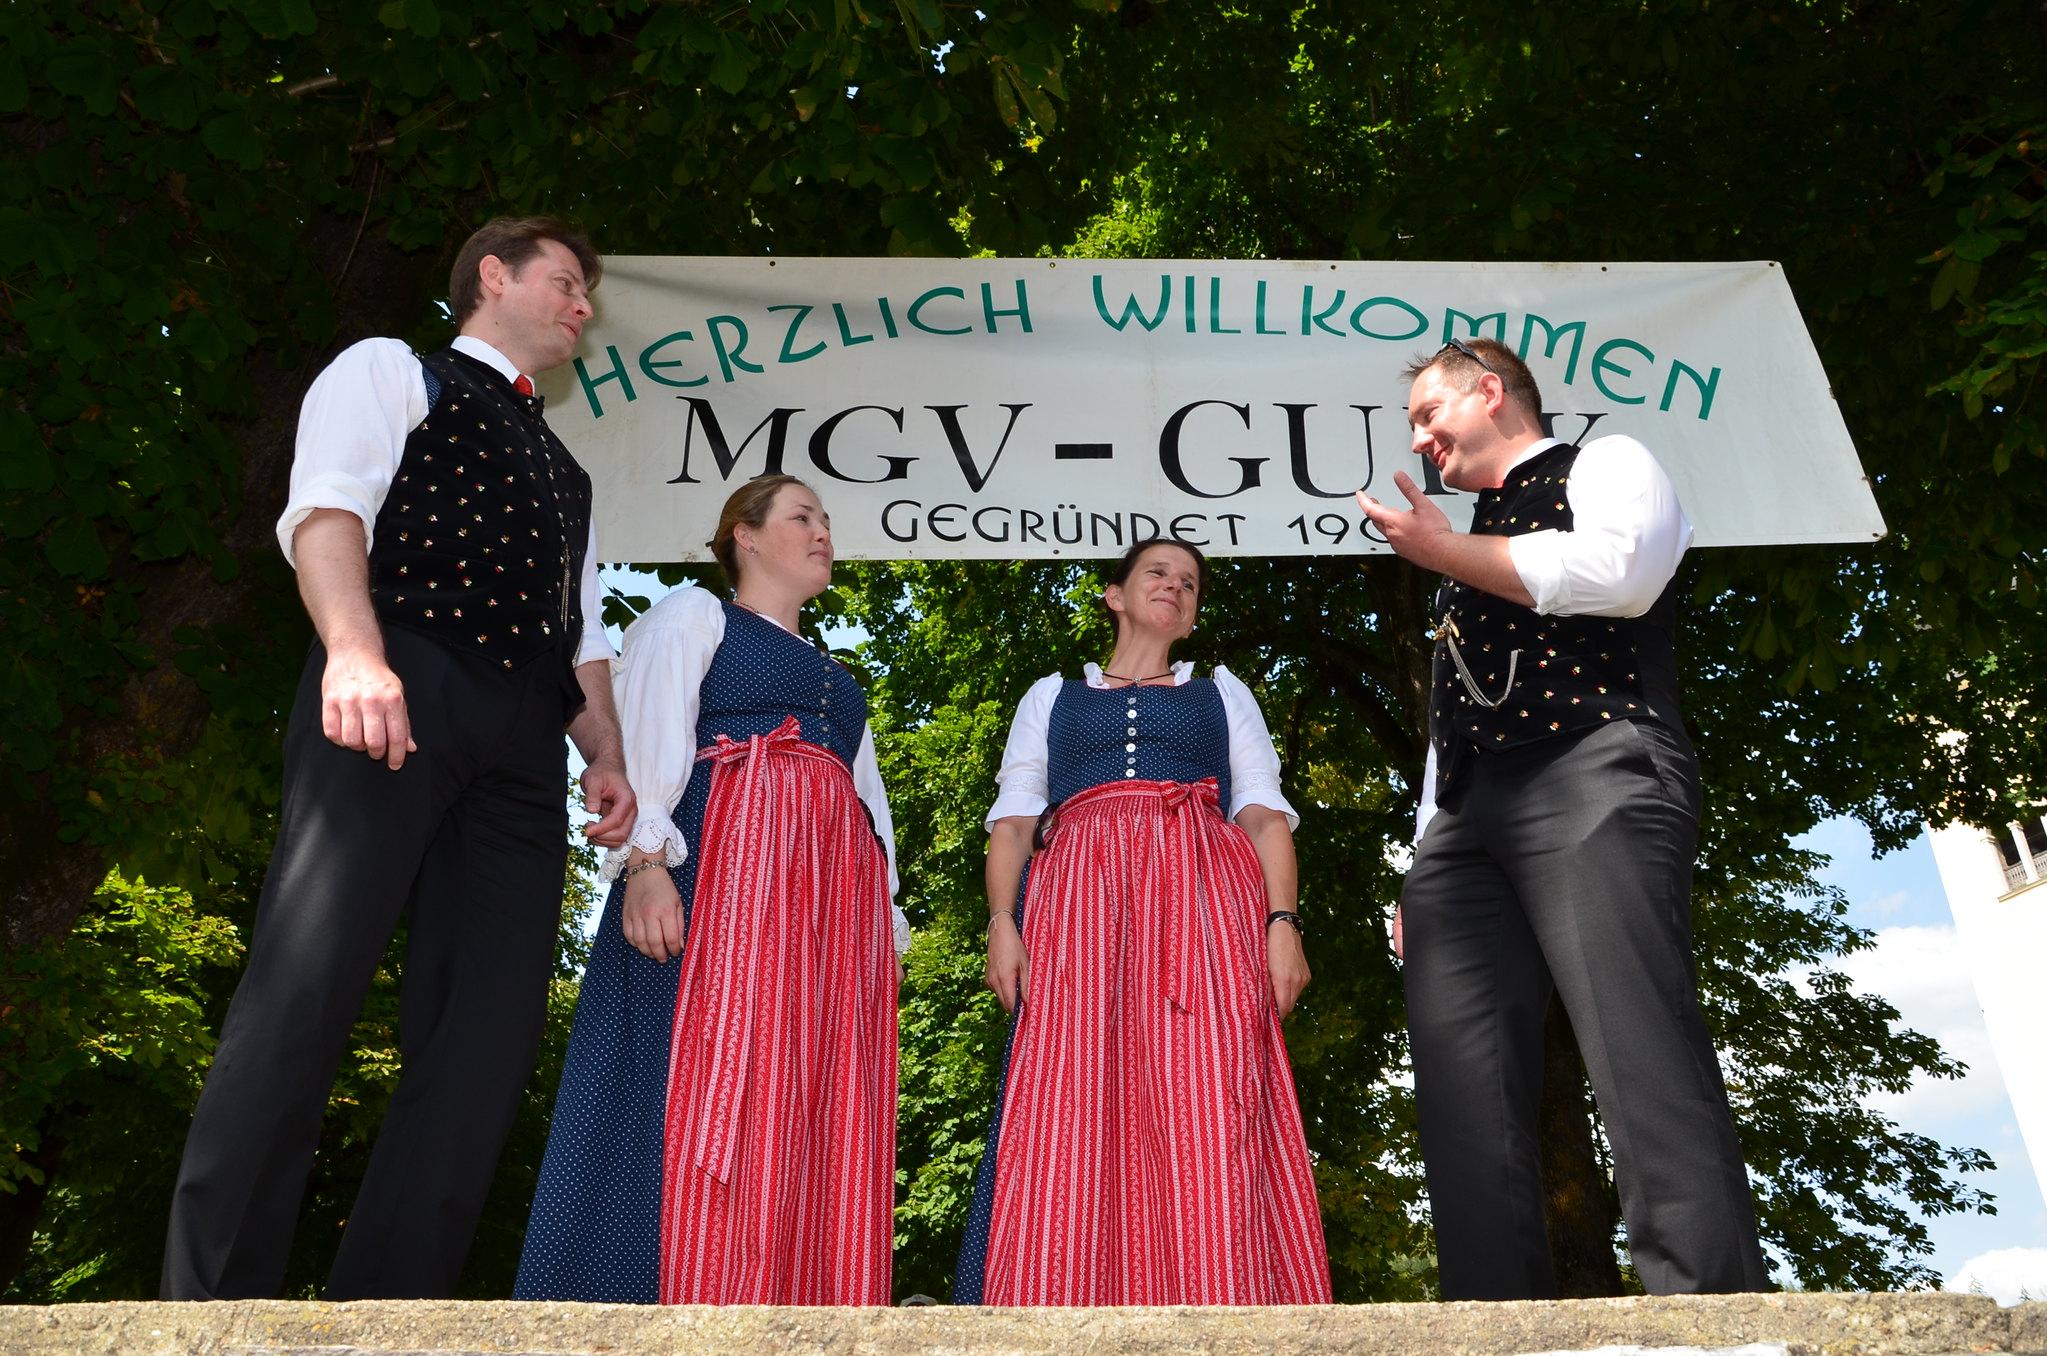 MGV Gurk - 20. Sängerwallfahrt und Augustini-Liedertafel 2017